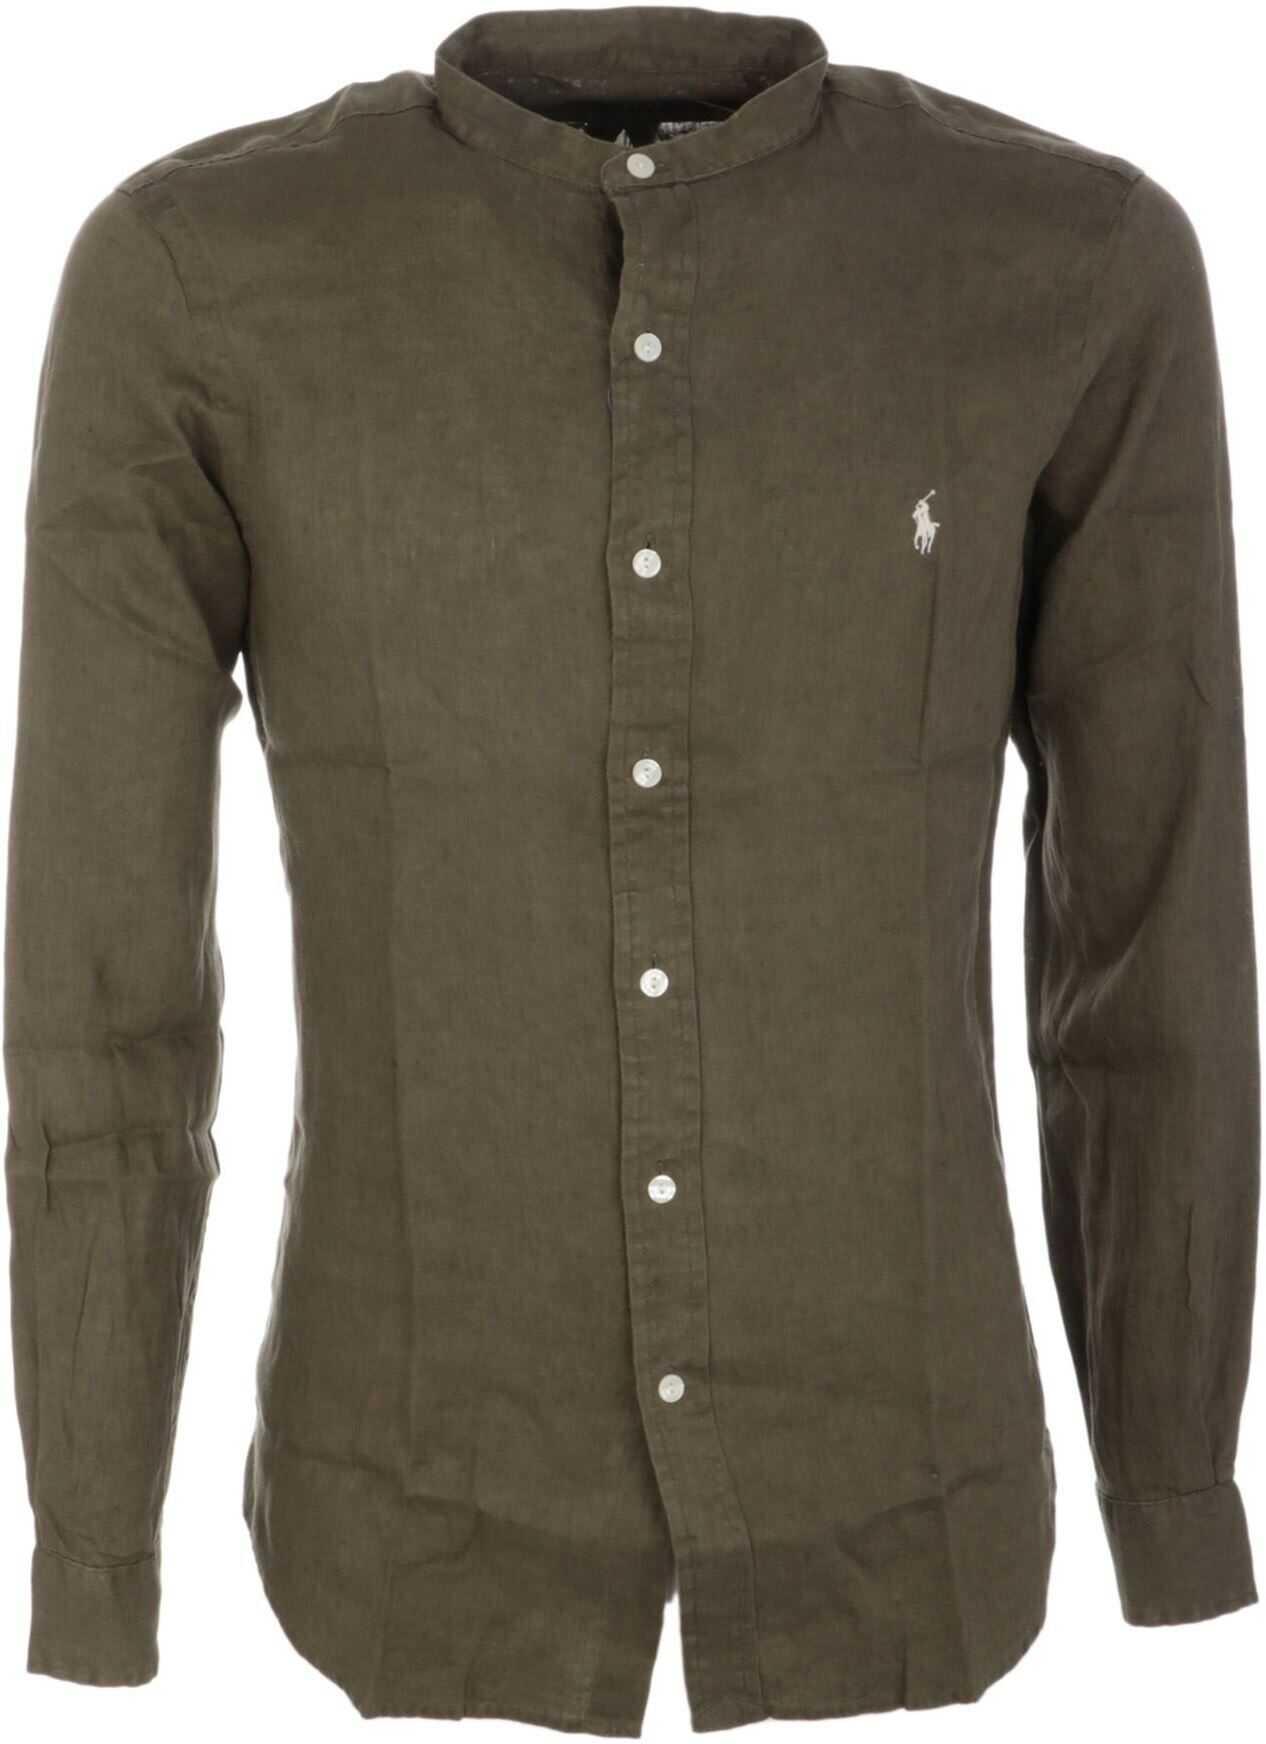 Ralph Lauren Linen Shirt In Army Green Green imagine